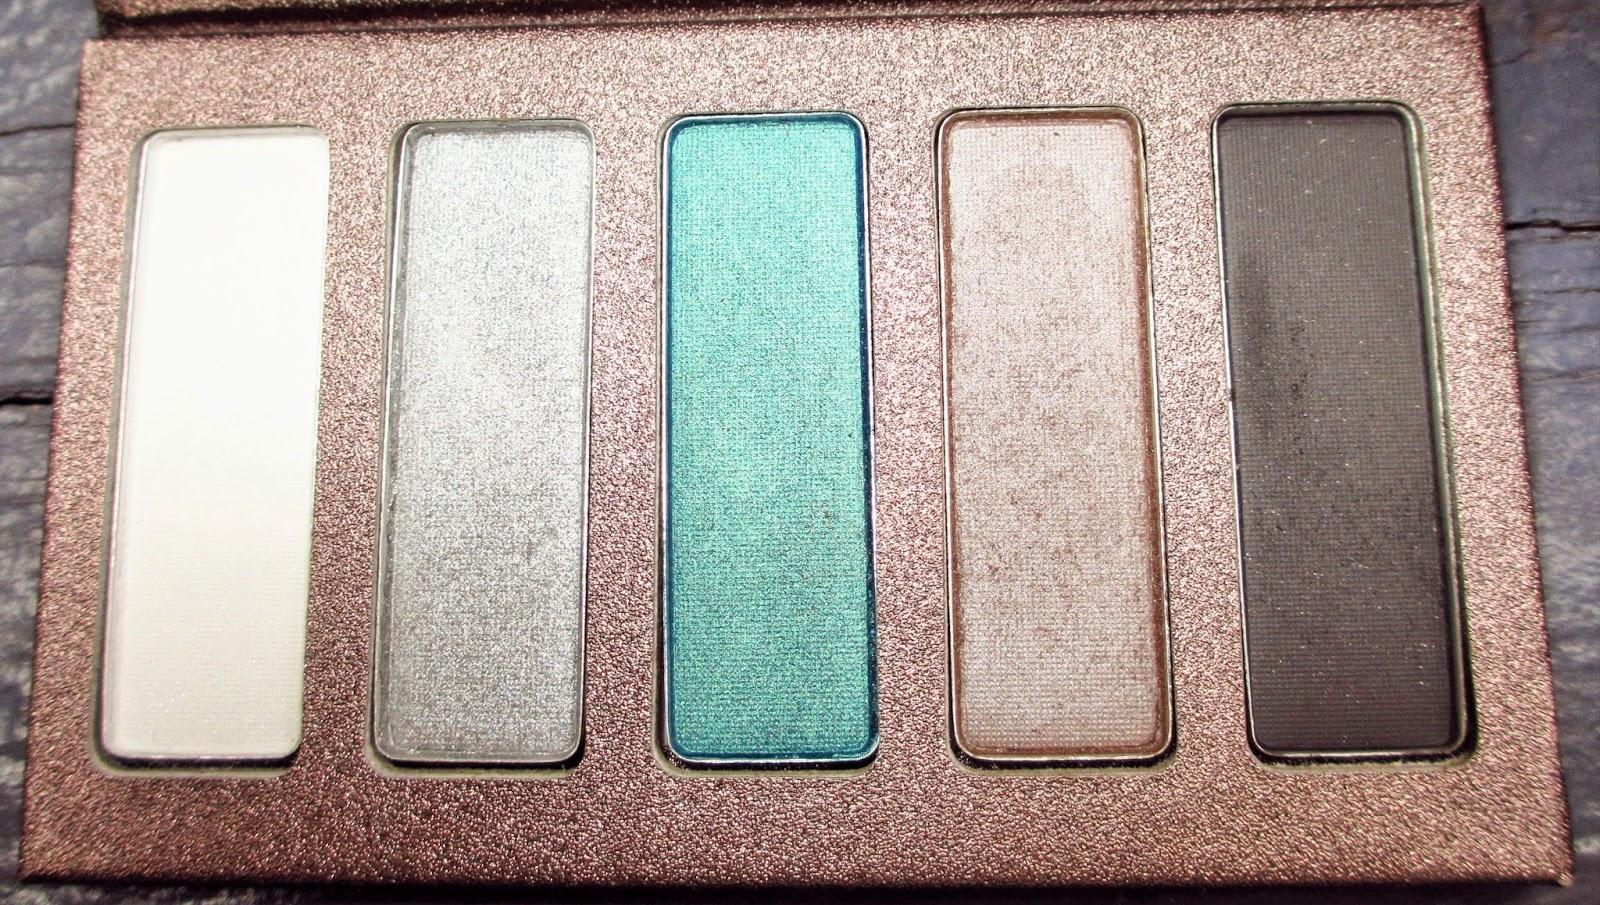 Marleewho Lorac Stay Cool Eyeshadow Palette Review